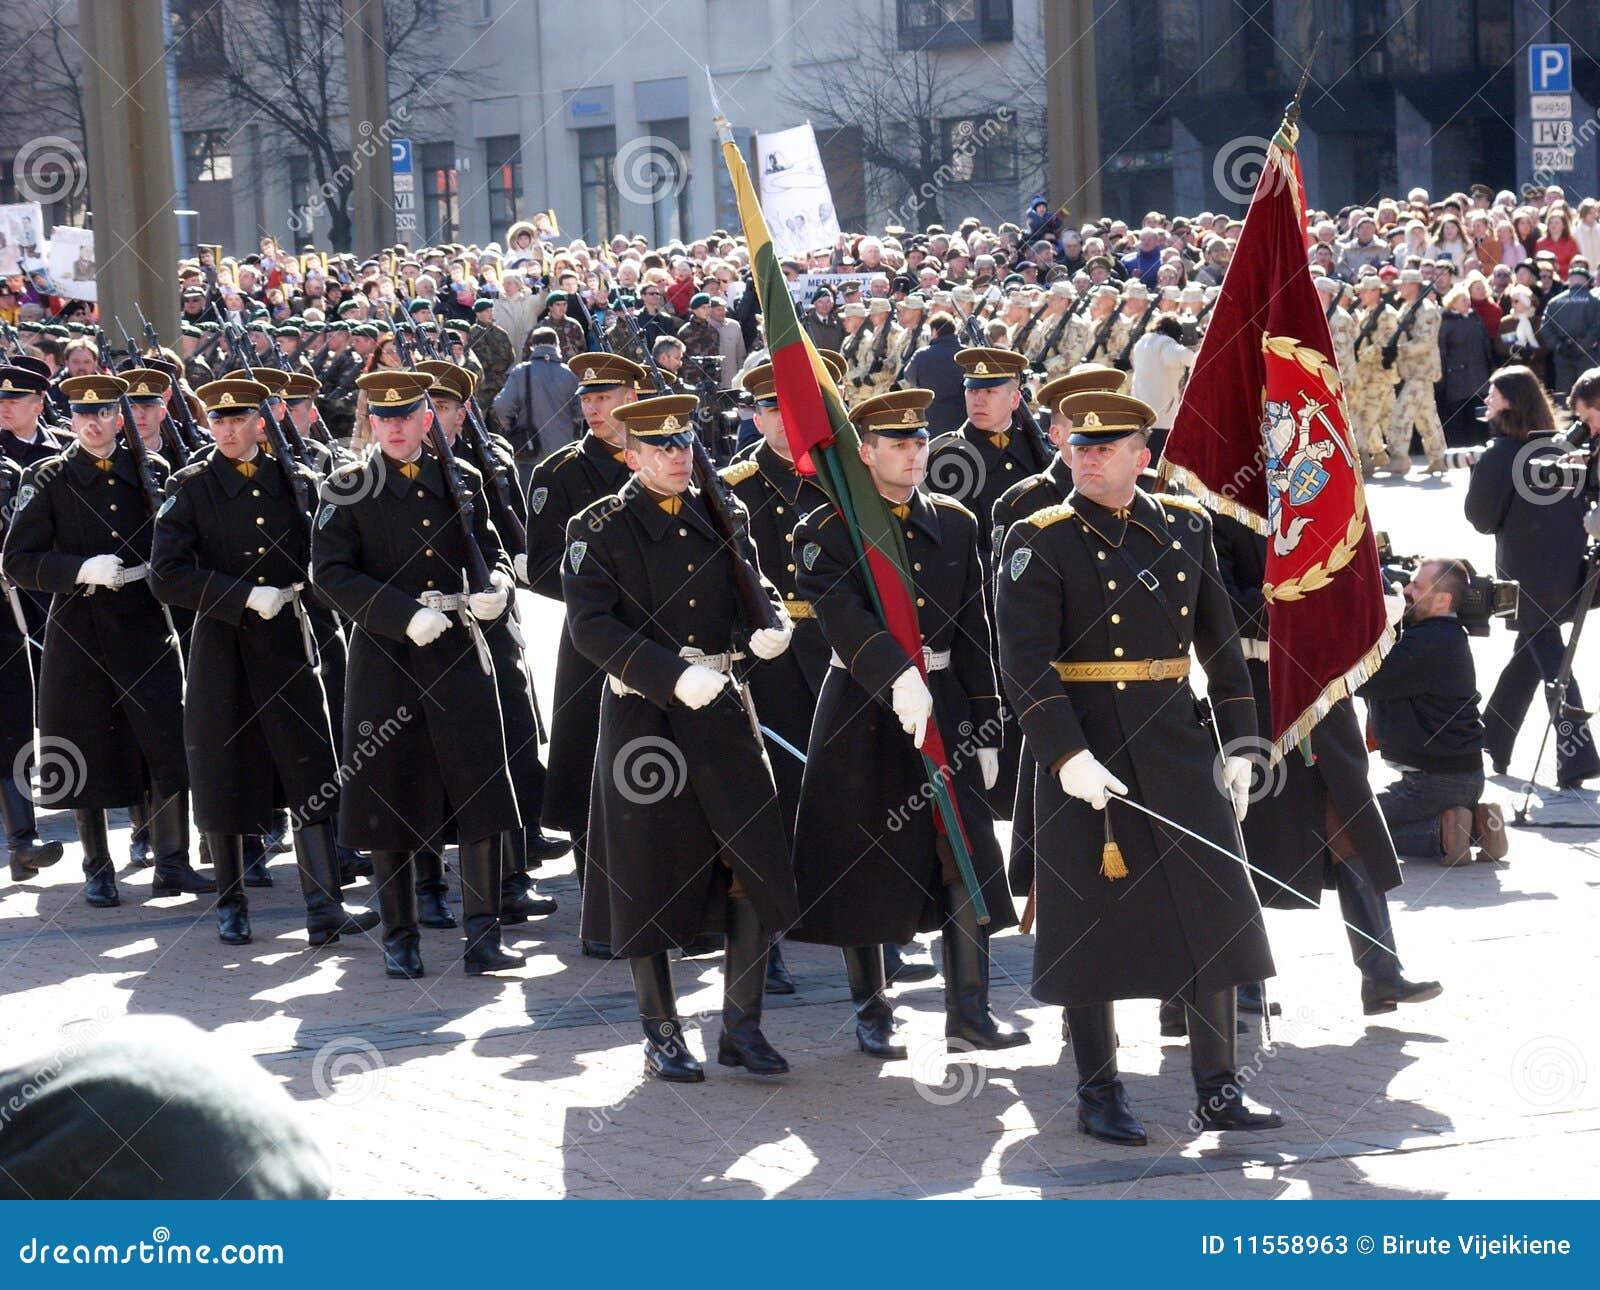 Admission into NATO